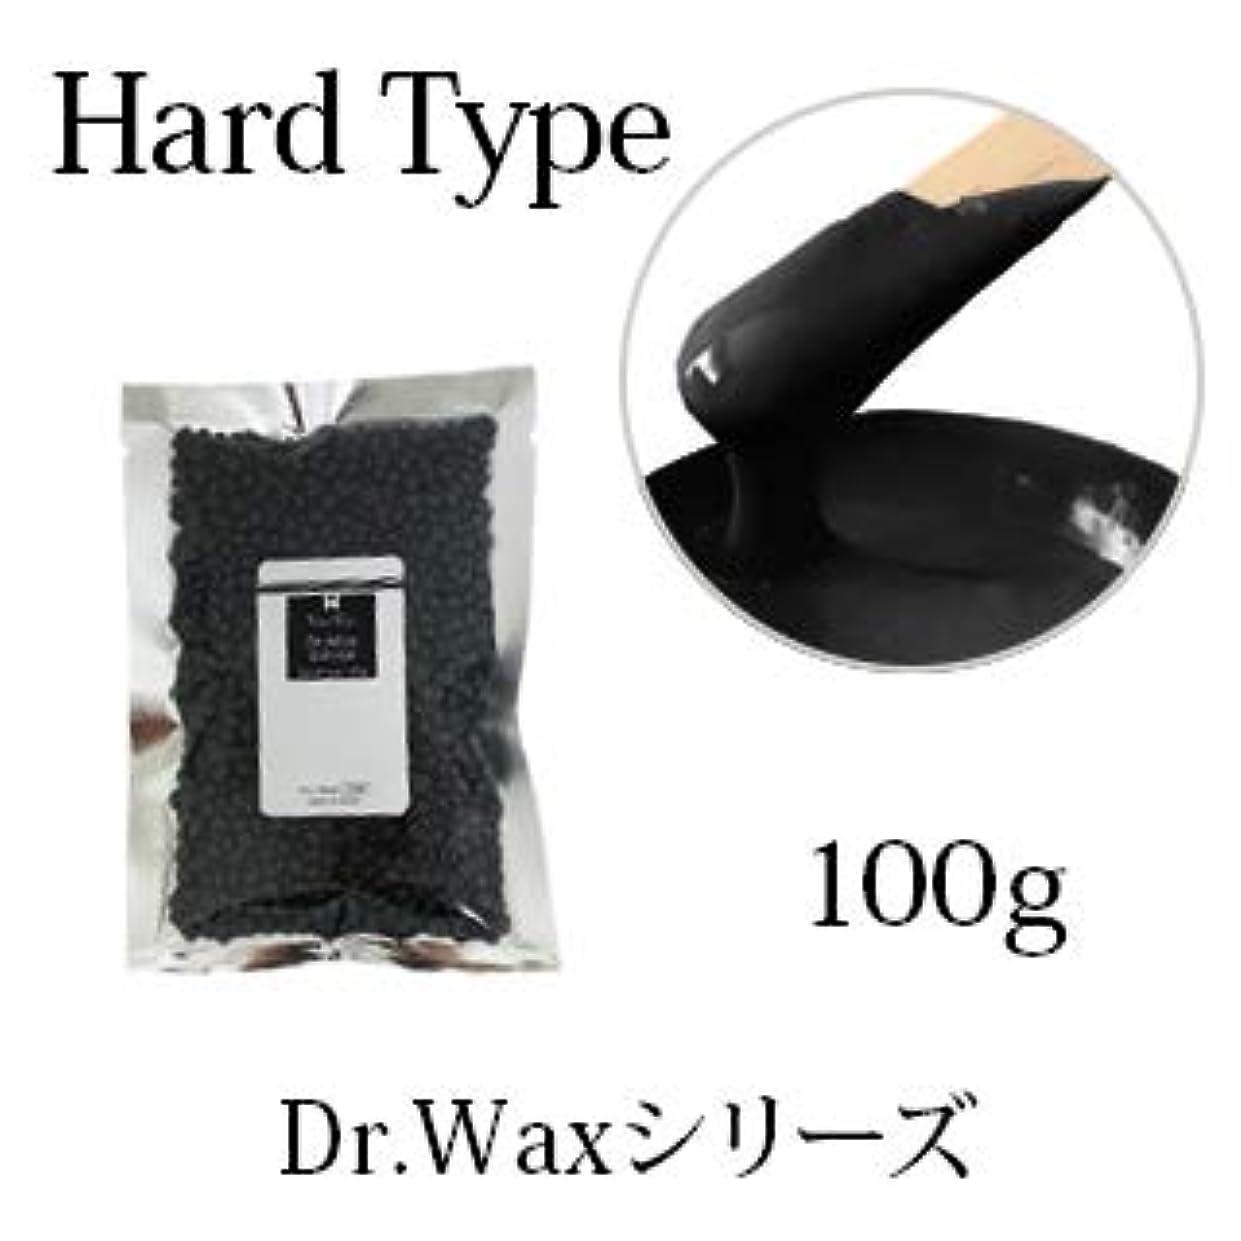 穴音声学理想的【Dr.waxシリーズ】ワックス脱毛 粒タイプ 紙を使用しない ハードワックス (キャビア 100g)